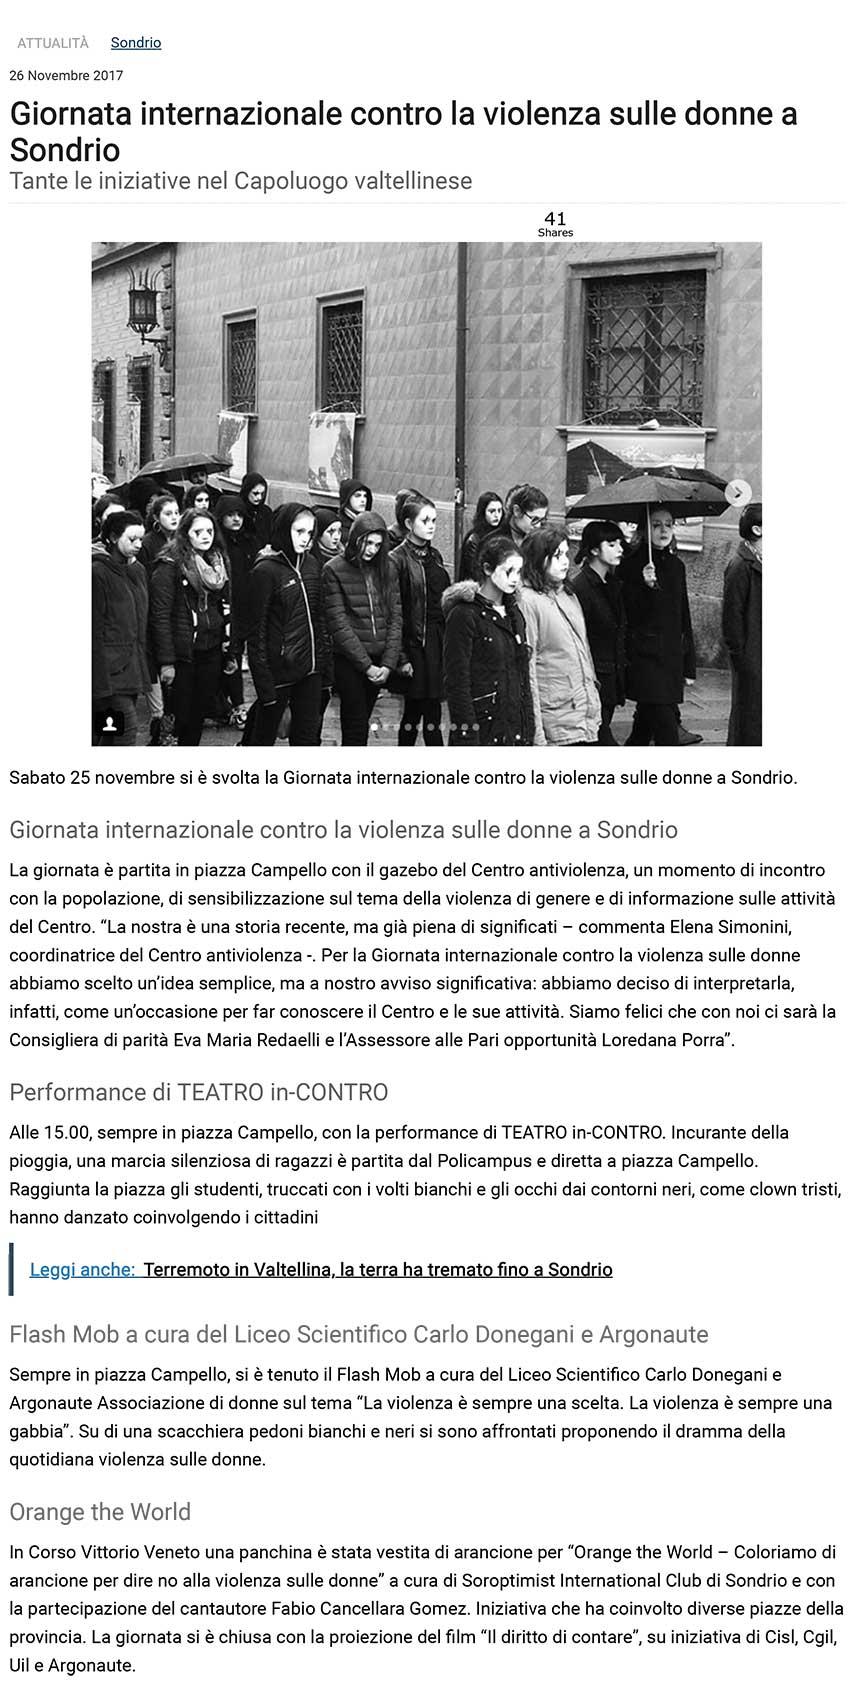 Giornata internazionale contro la violenza sulle donne a Sondrio